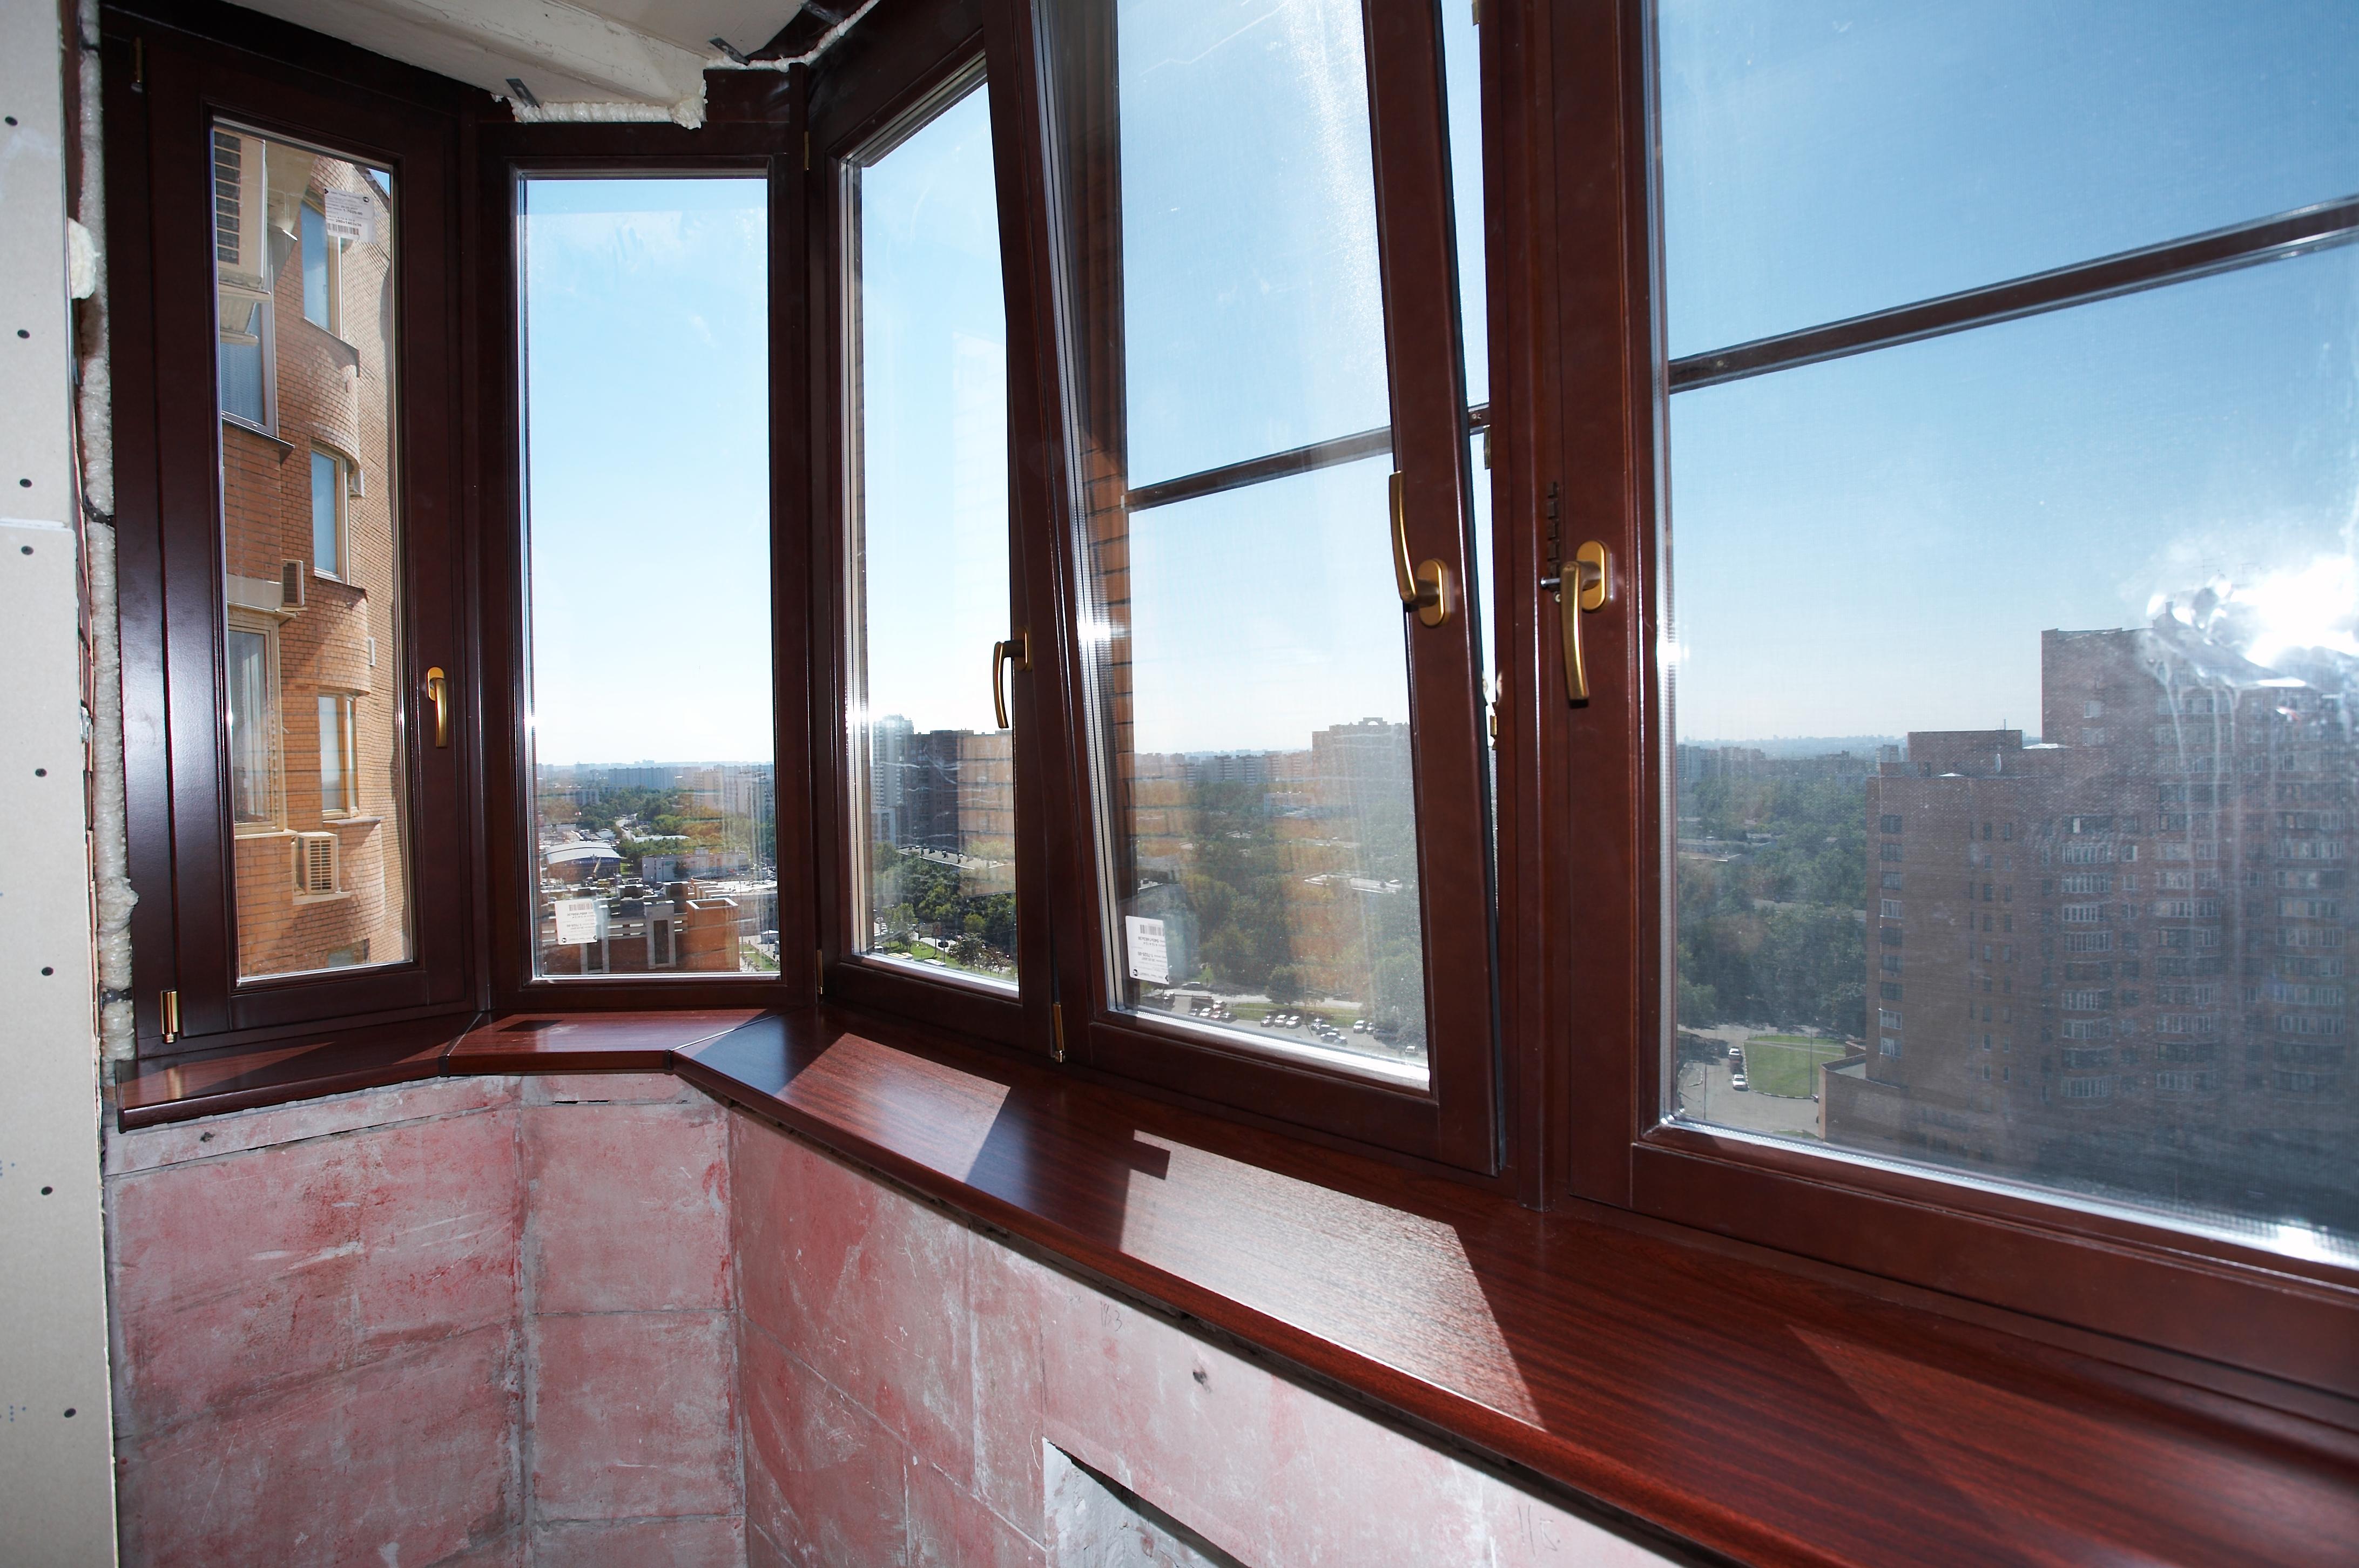 Ремонт и установка окон, остекление балкона - бесплатные объ.